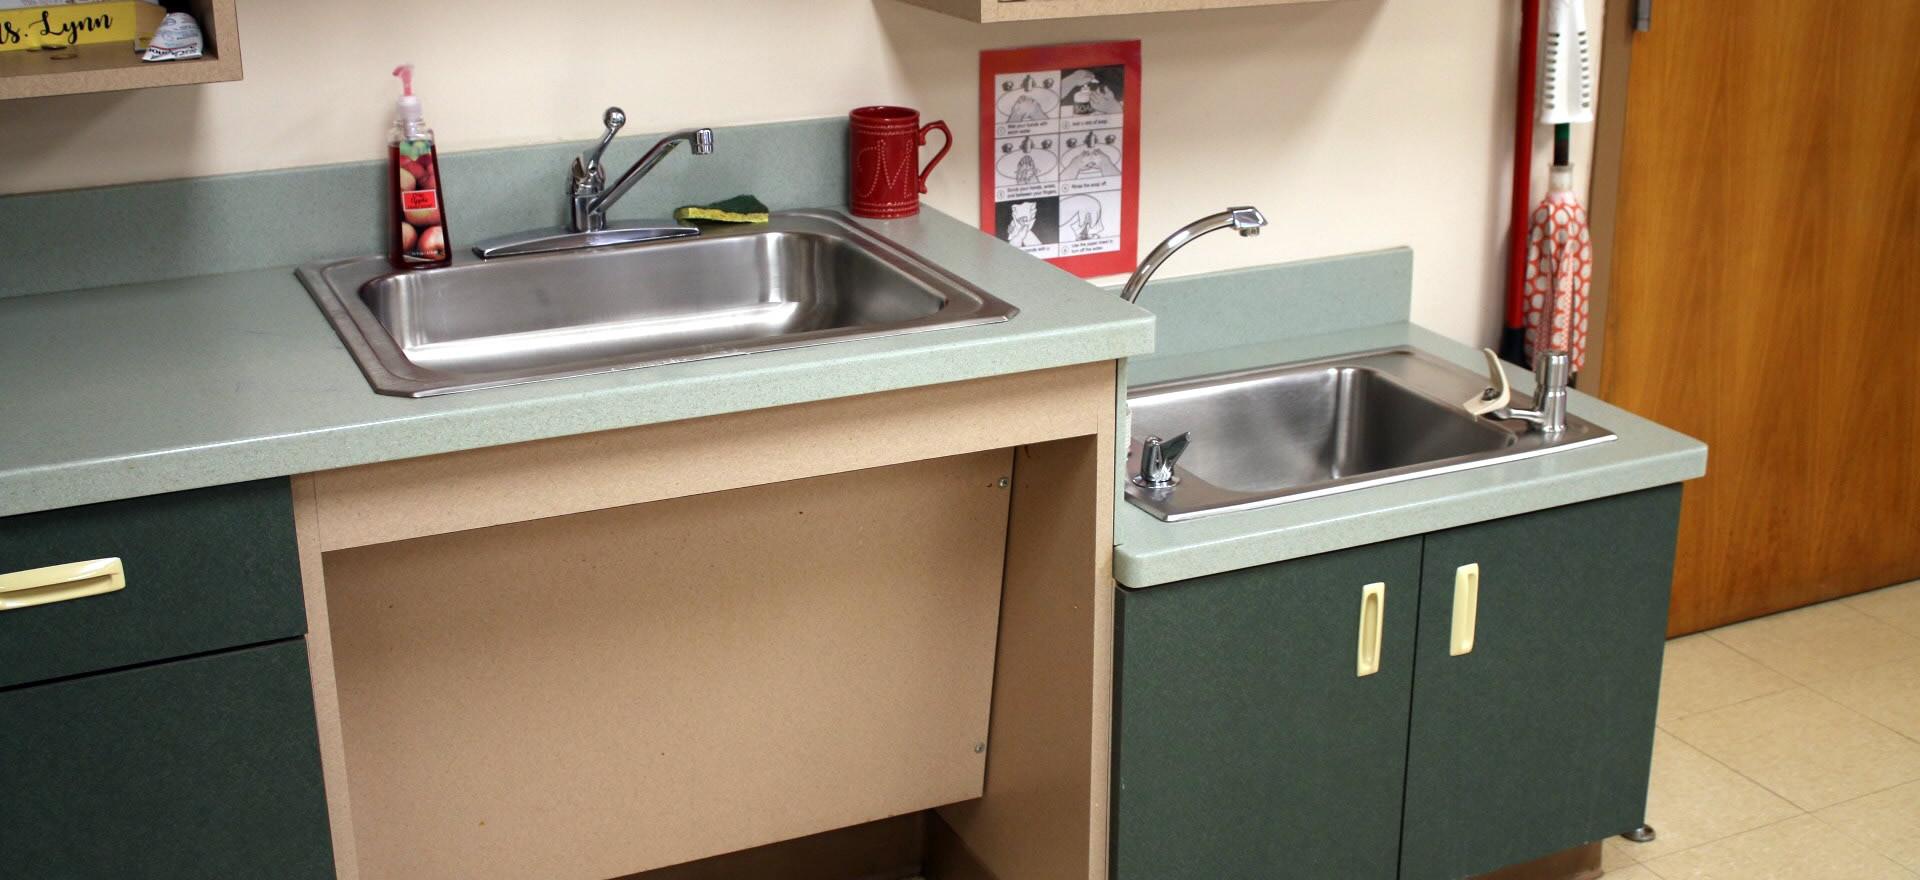 Child-size Sinks